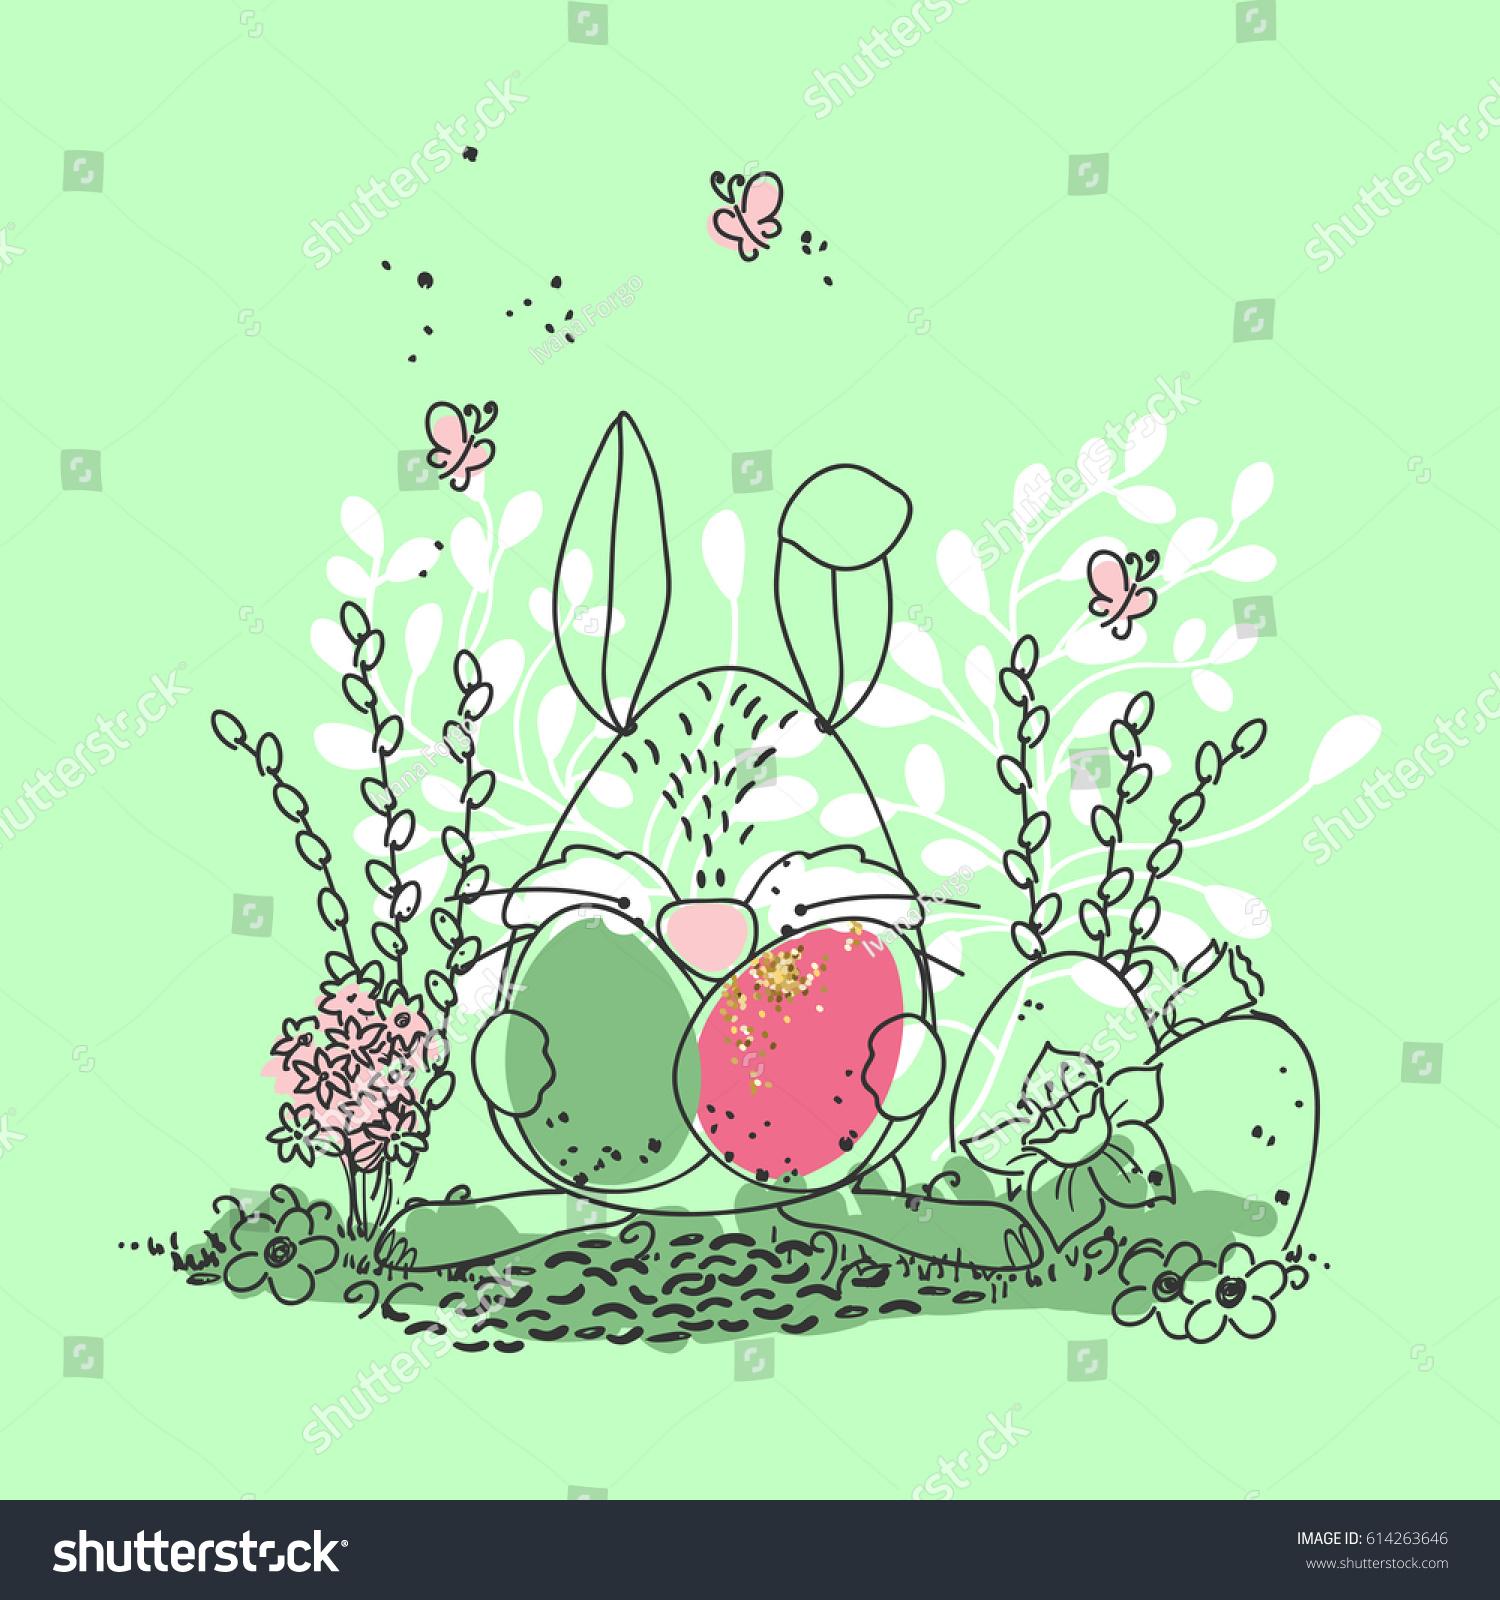 easter bunny eggs stock vector 614263646 shutterstock